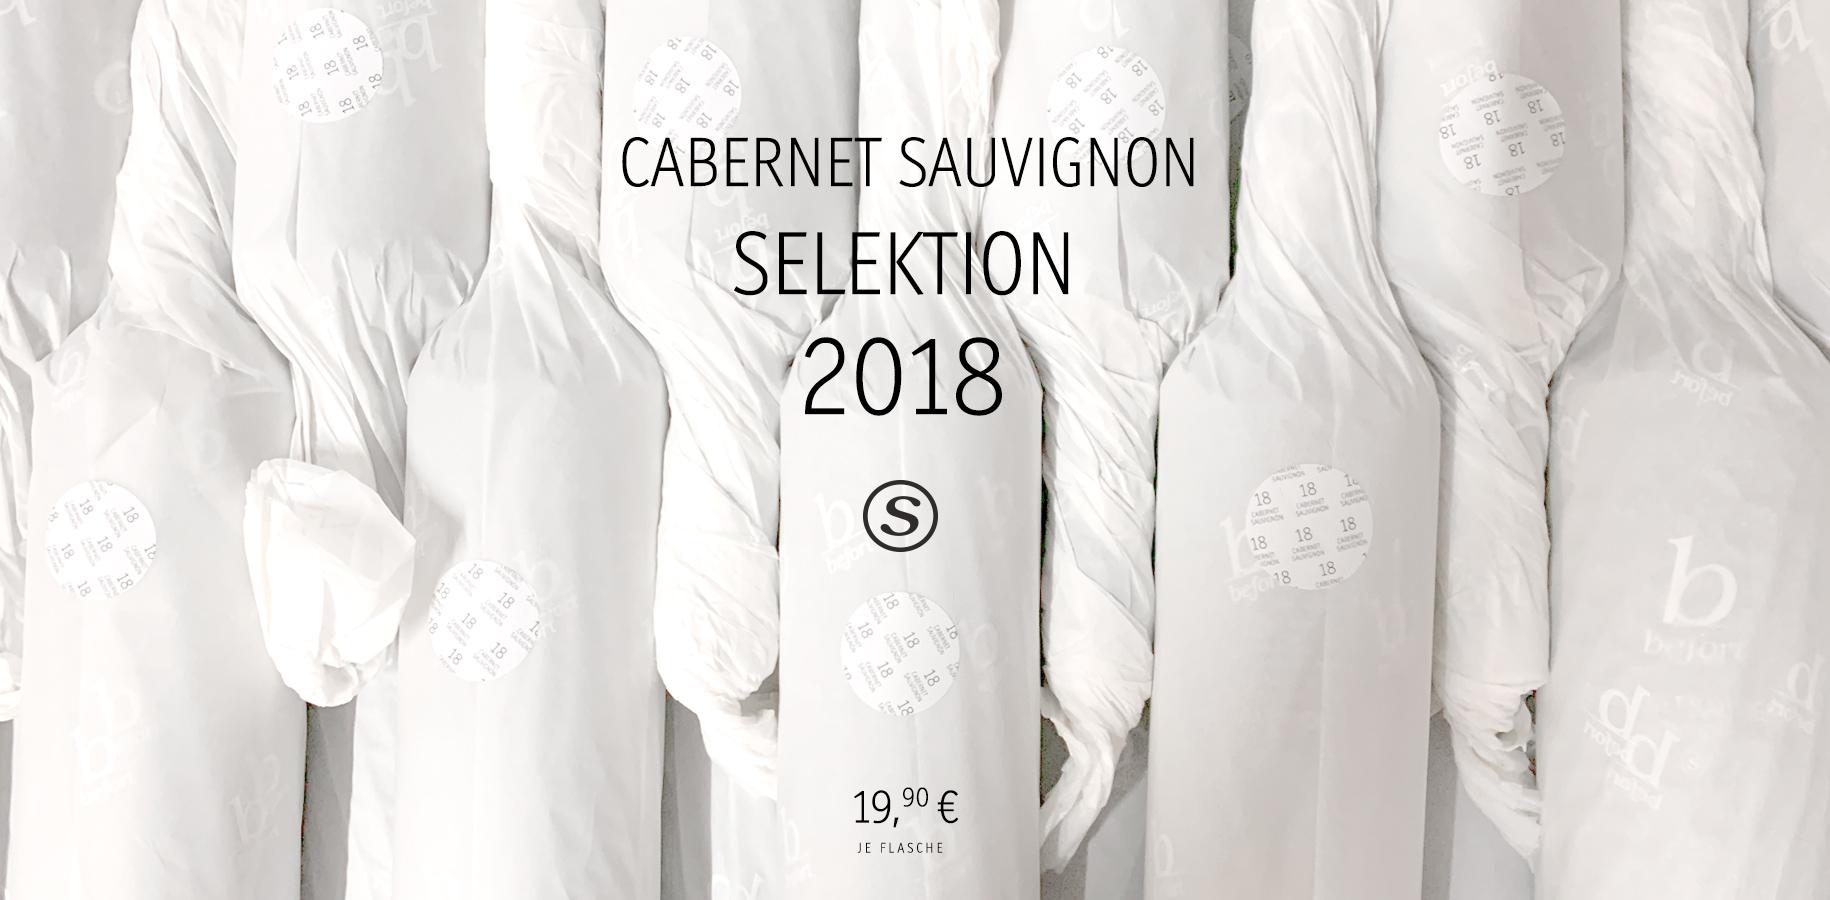 Cabernet Sauvignon 2018, 19,90€/Fl.